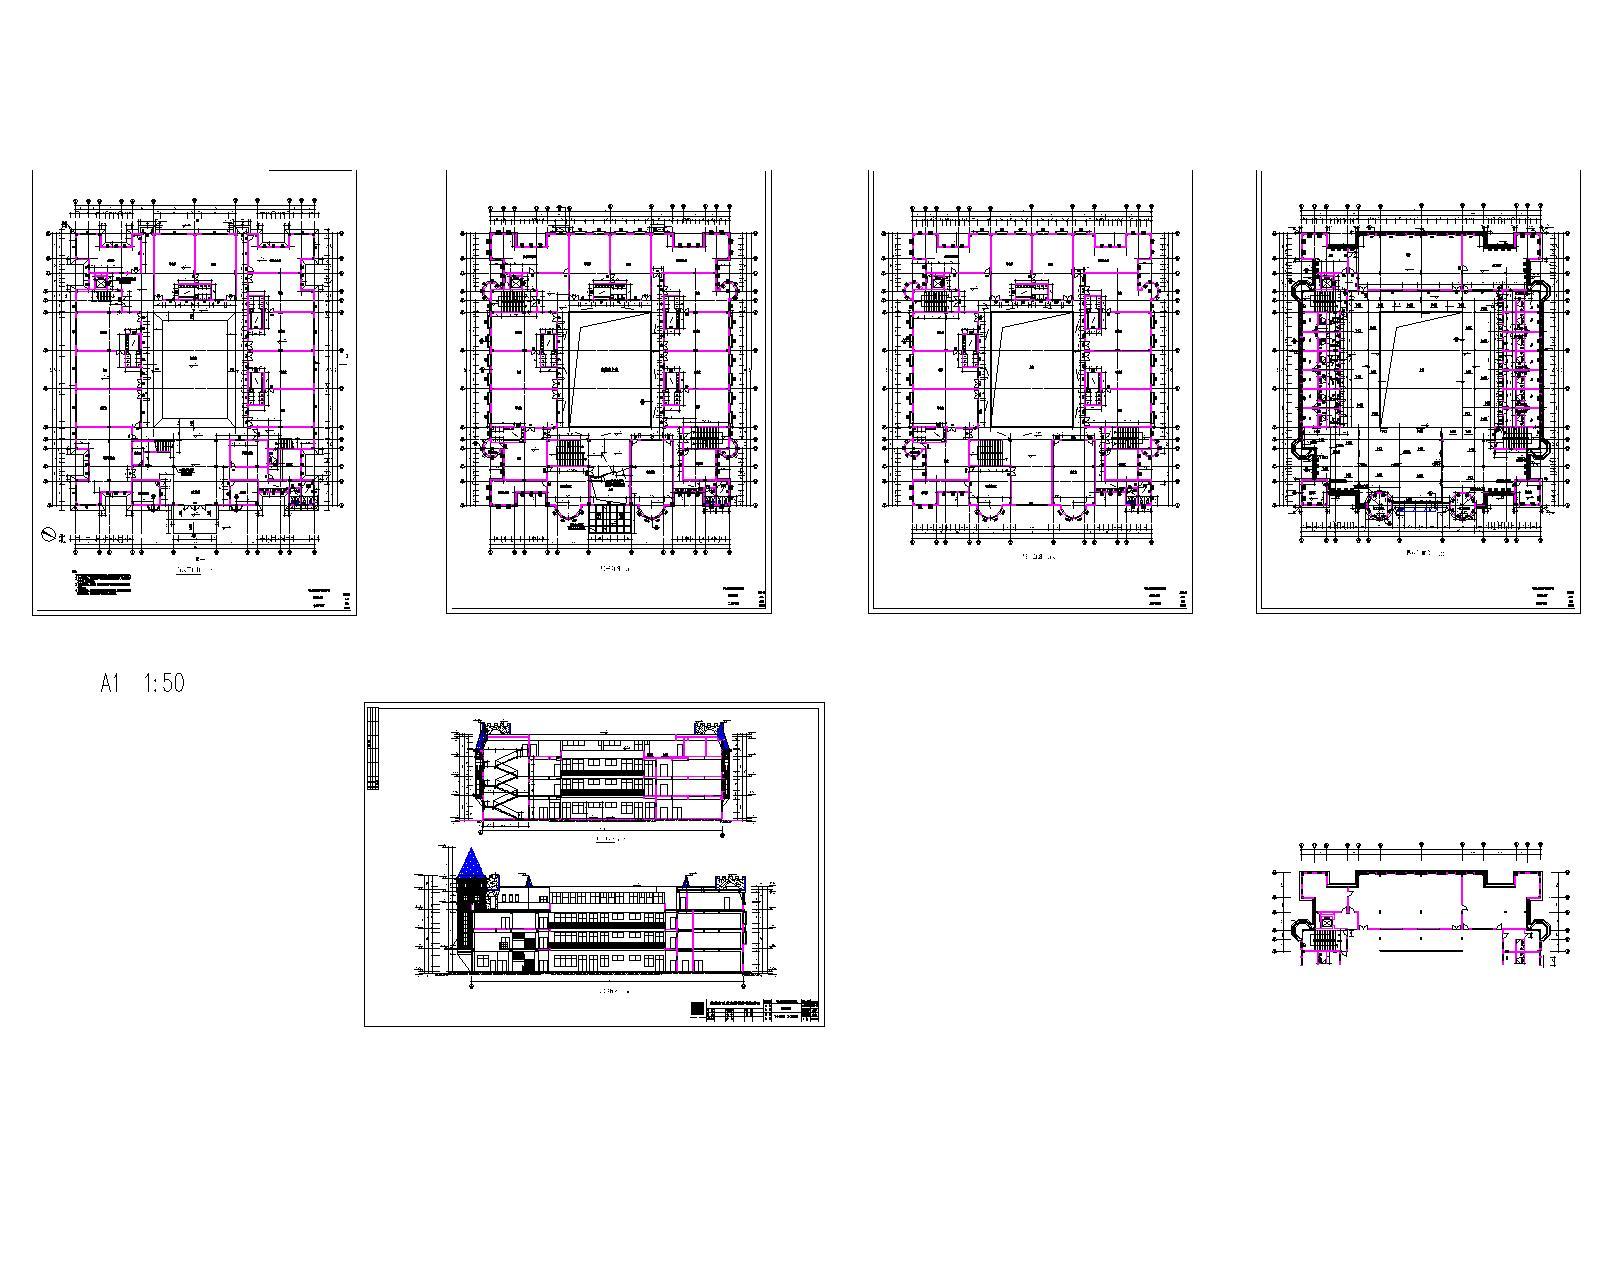 幼儿园的平面图,包括平面布置图,弱电布置图. .